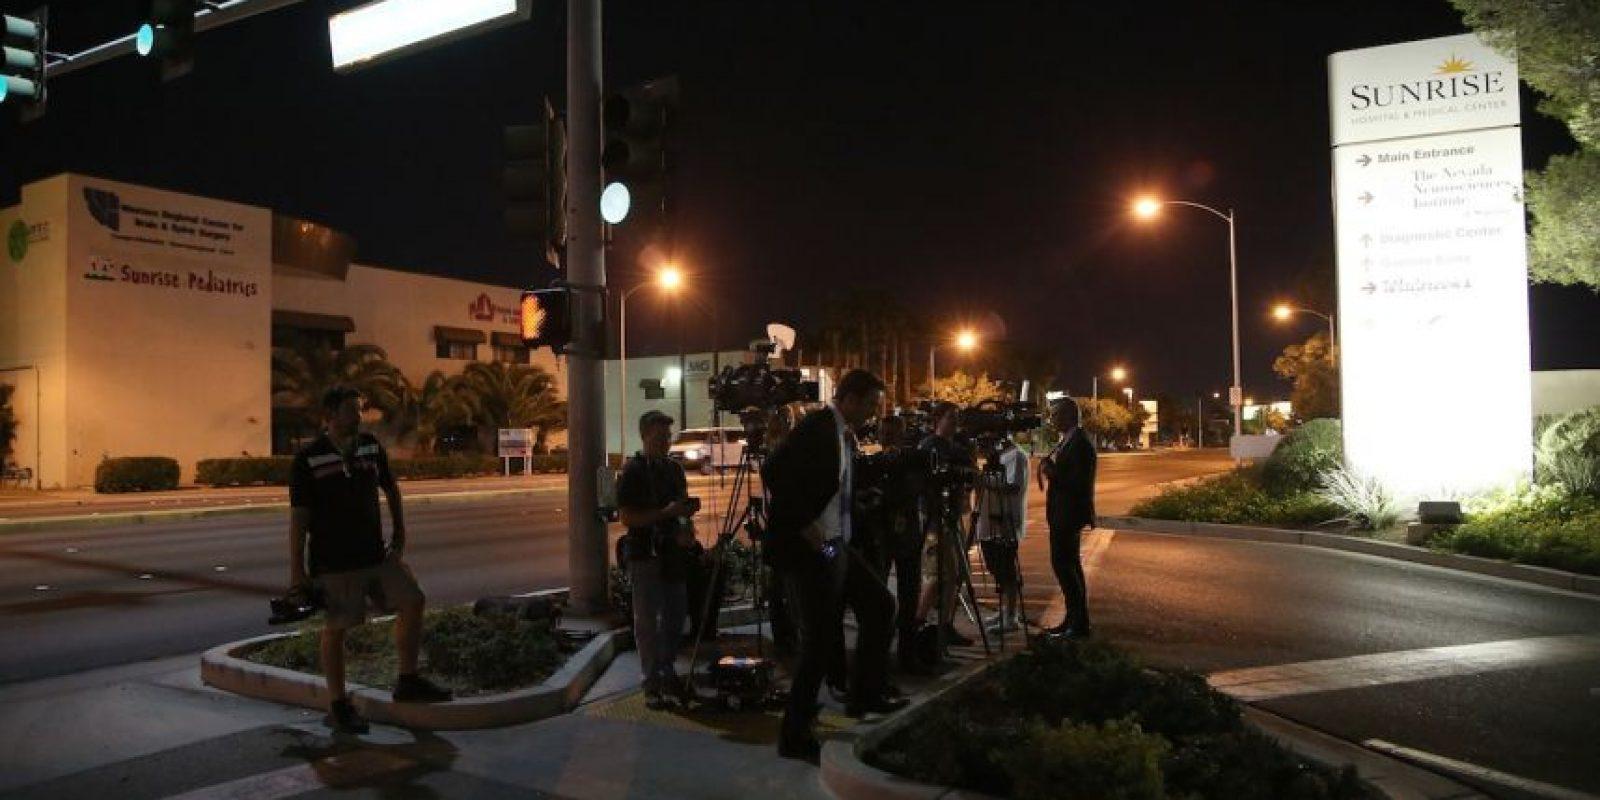 Poco después, se le condujo al Sunrise Hospital de Las Vegas, donde ahora se encuentra. Foto:Getty Images